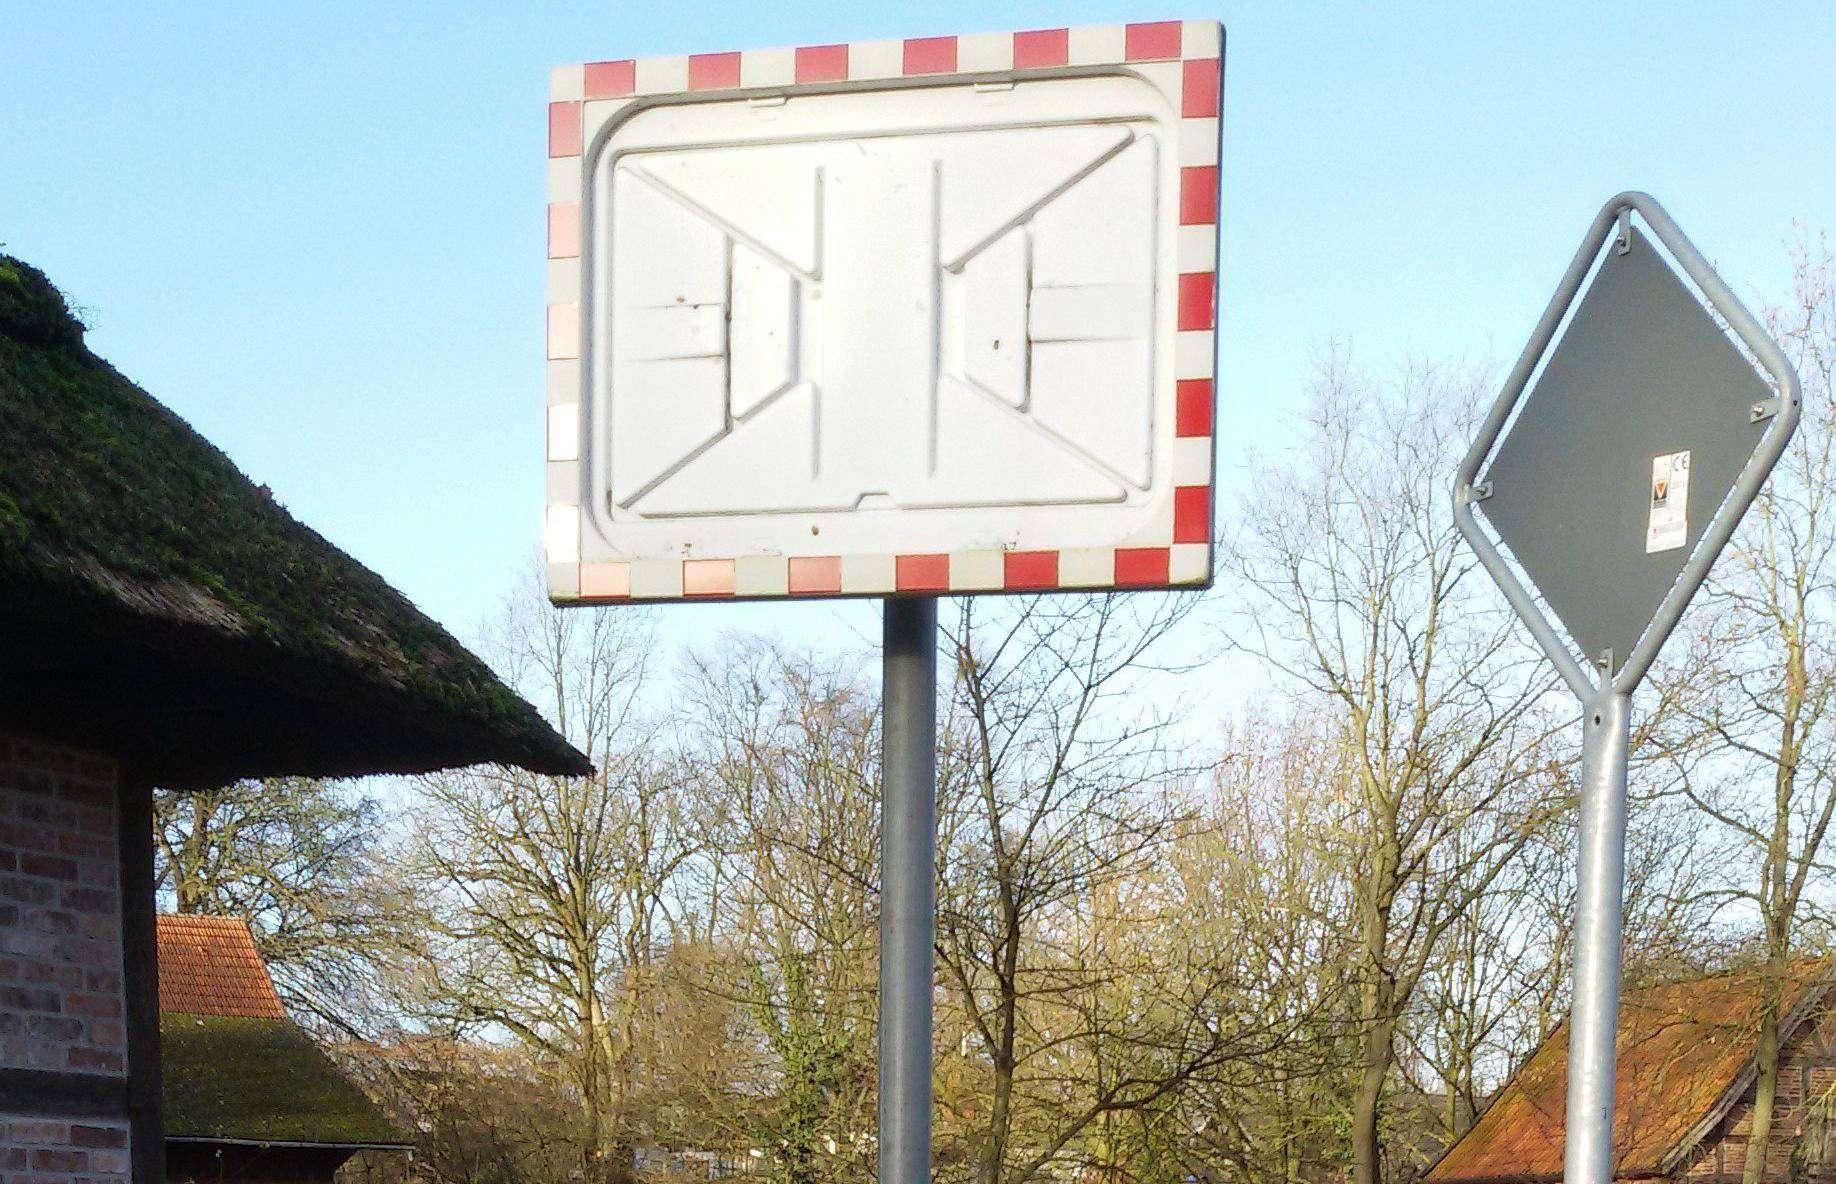 Unbekannte haben per Steinwurf einen Verkehrsspiegel in Ahausen zerstört.